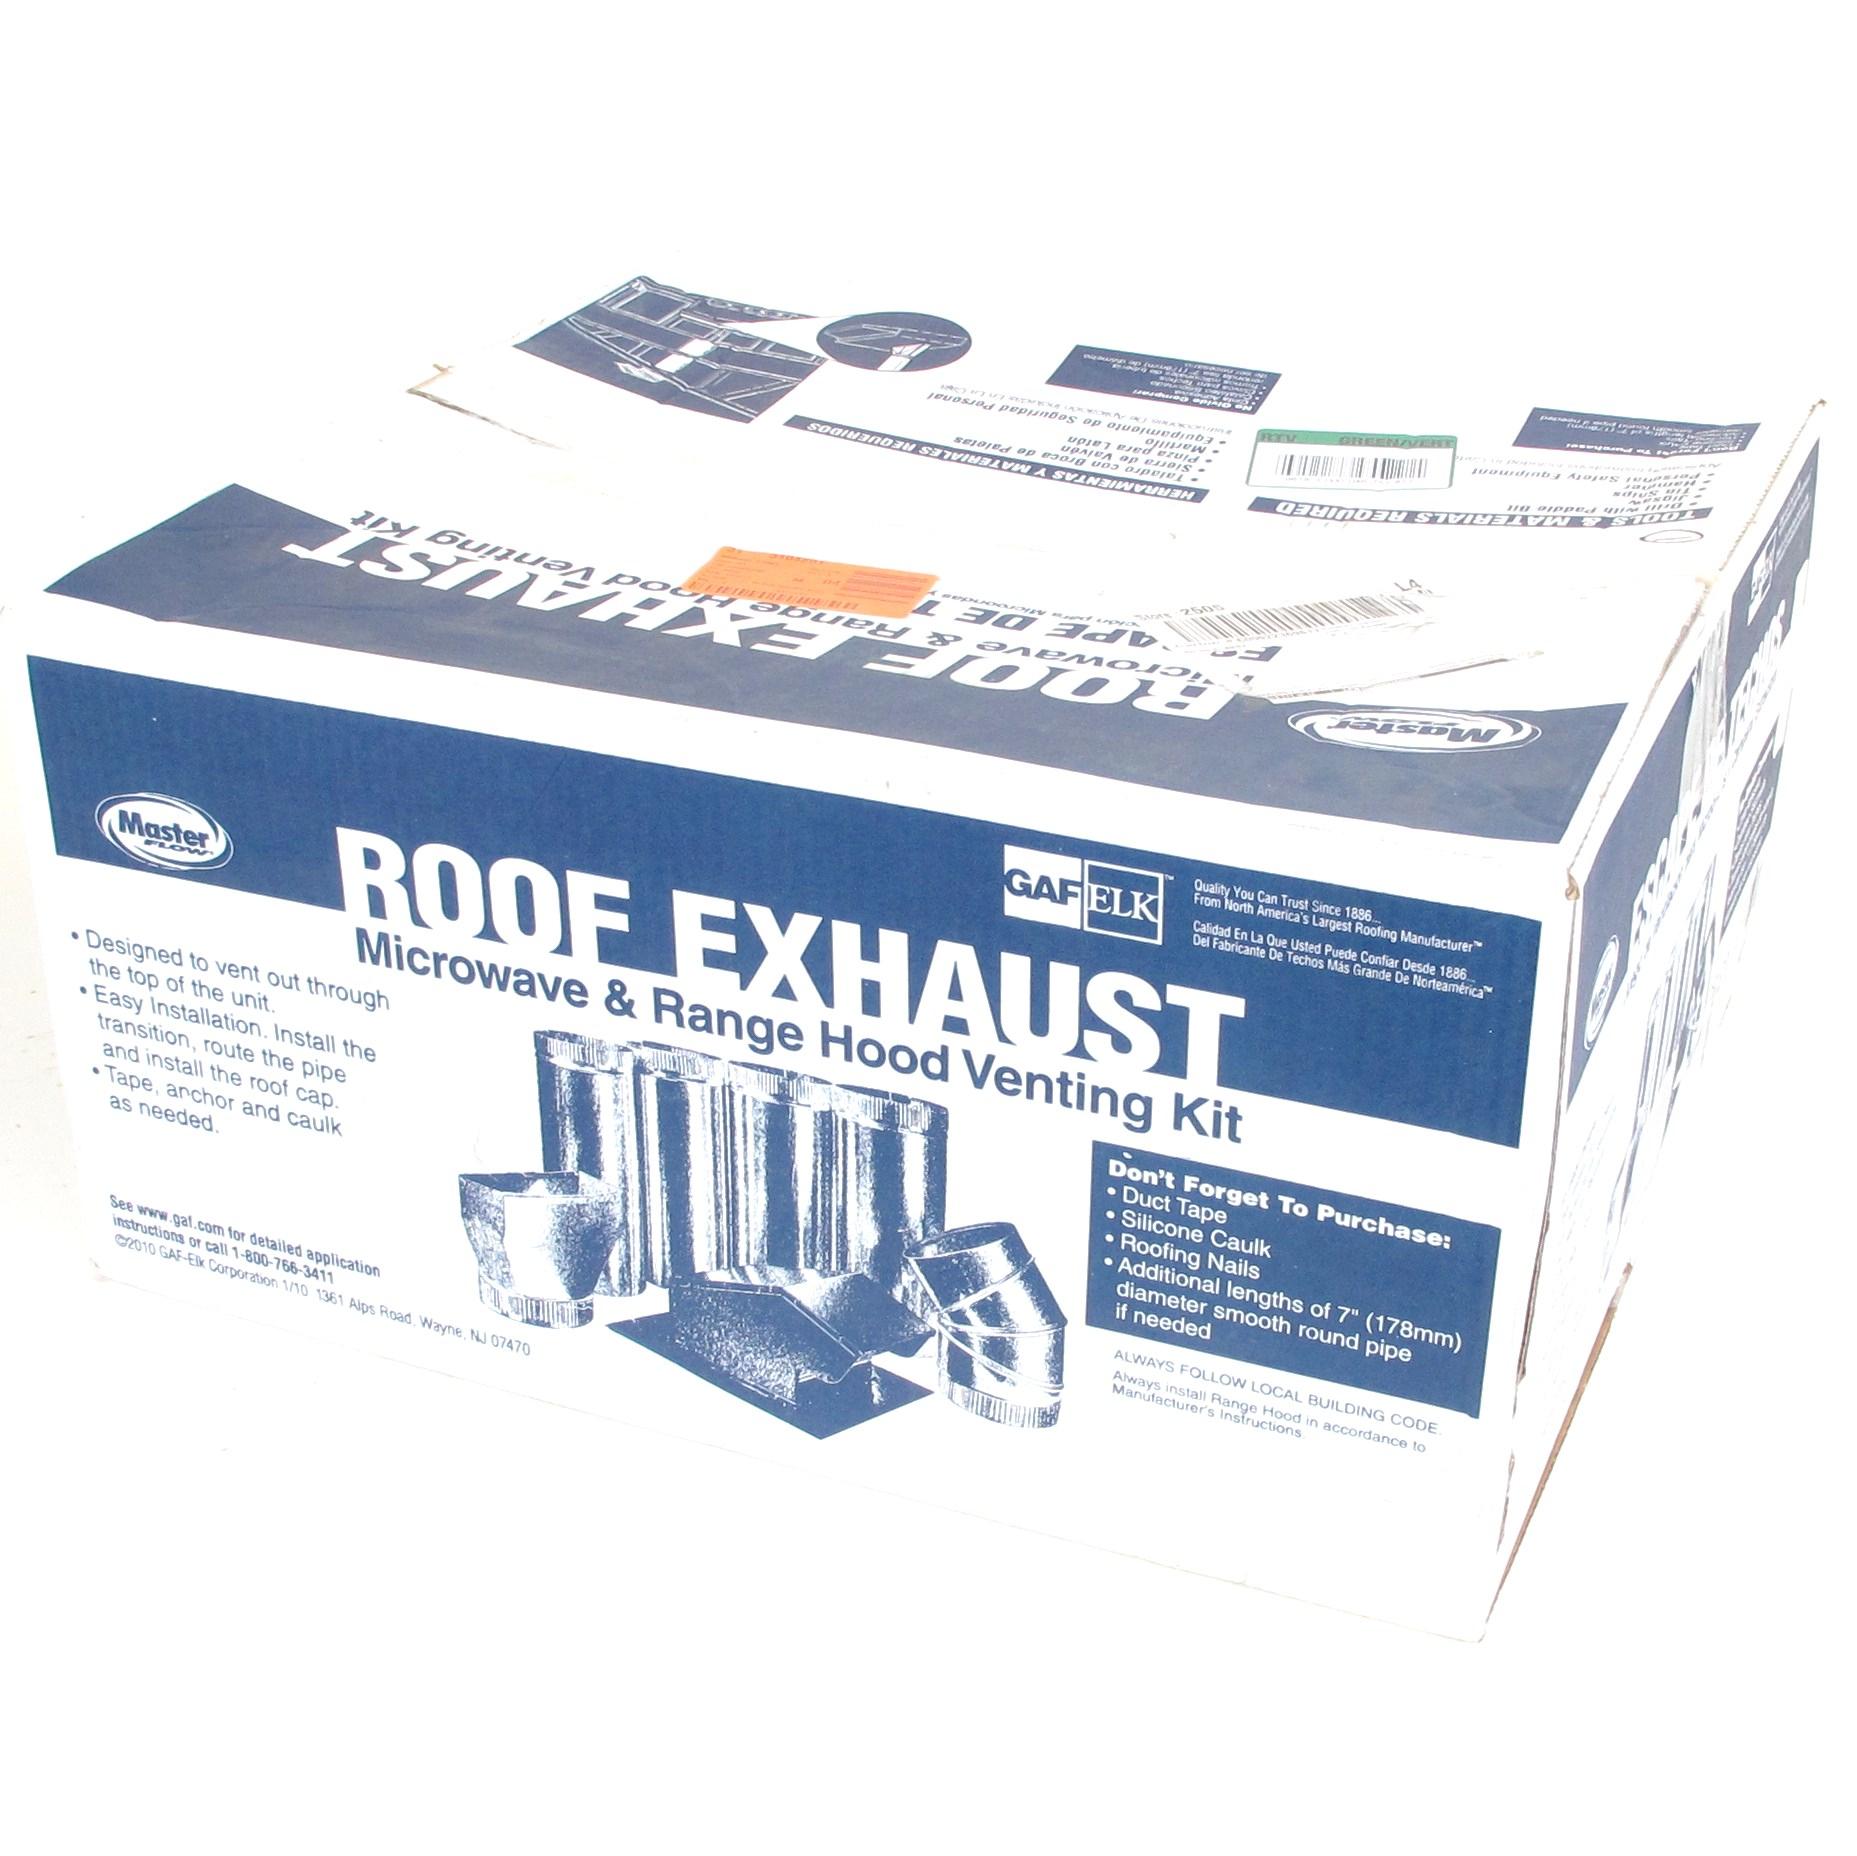 Master Flow Roof Exhaust Microwave Amp Range Hood Venting